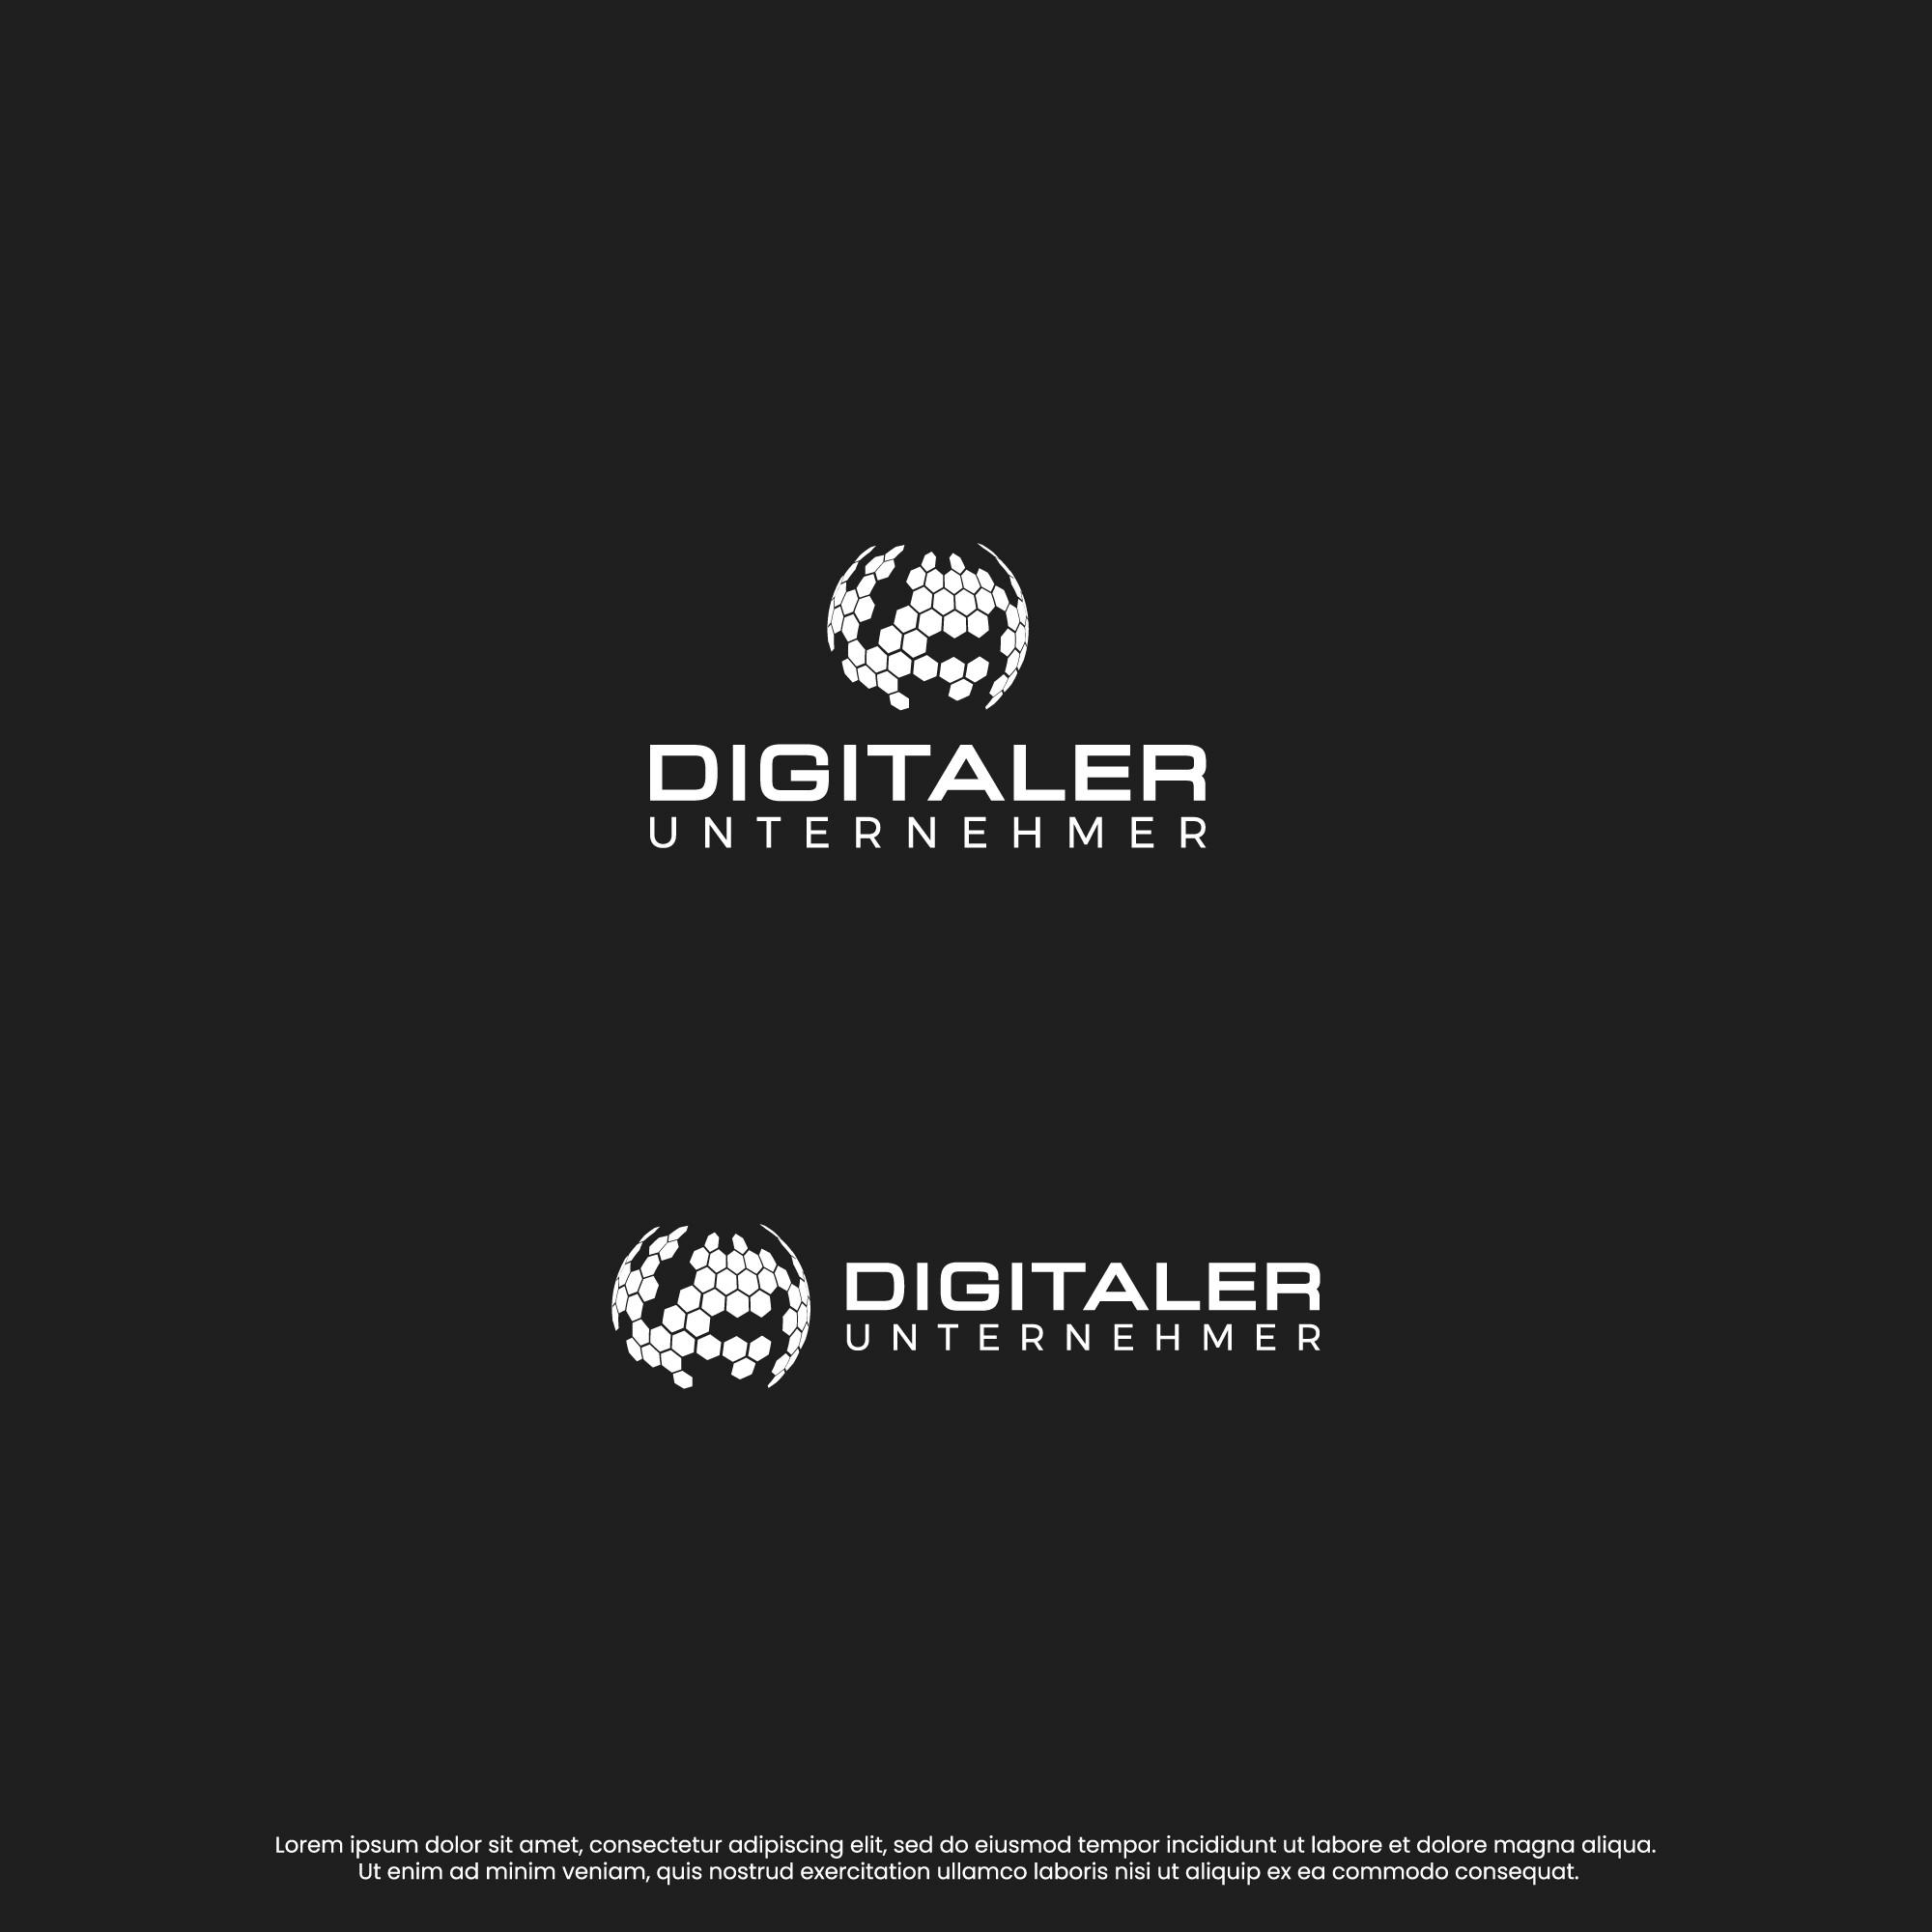 """Wir benötigen ein Logo für """"Digitaler Unternehmer"""""""